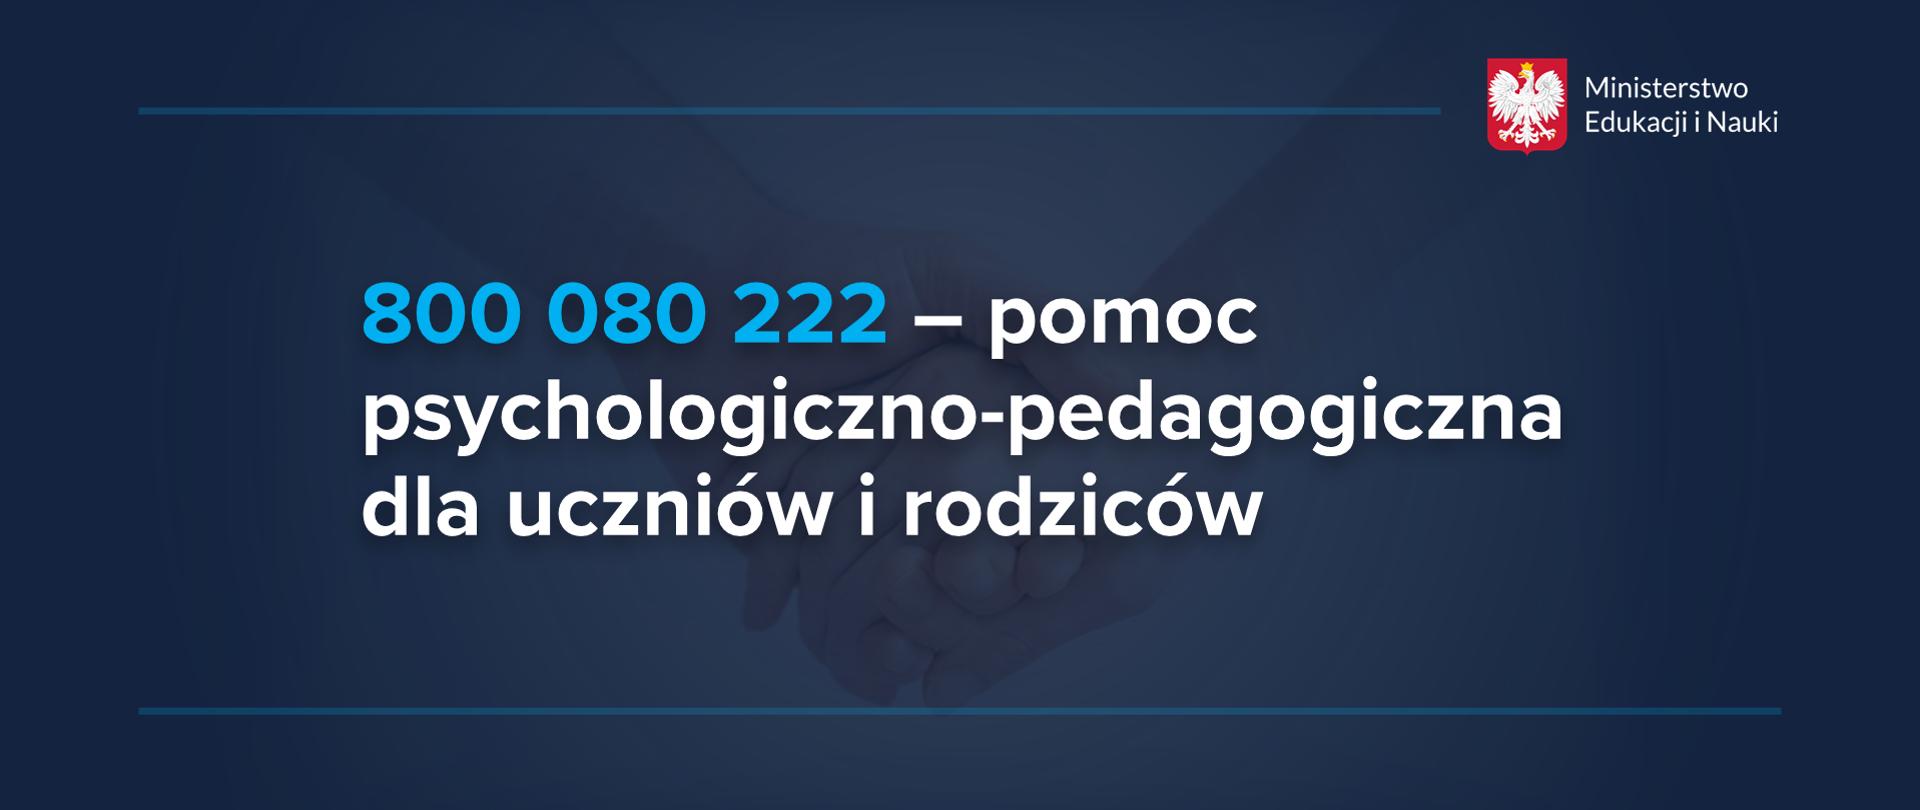 """Grafika z tekstem: """"800 080 222 – pomoc psychologiczno-pedagogiczna dla uczniów i rodziców"""""""